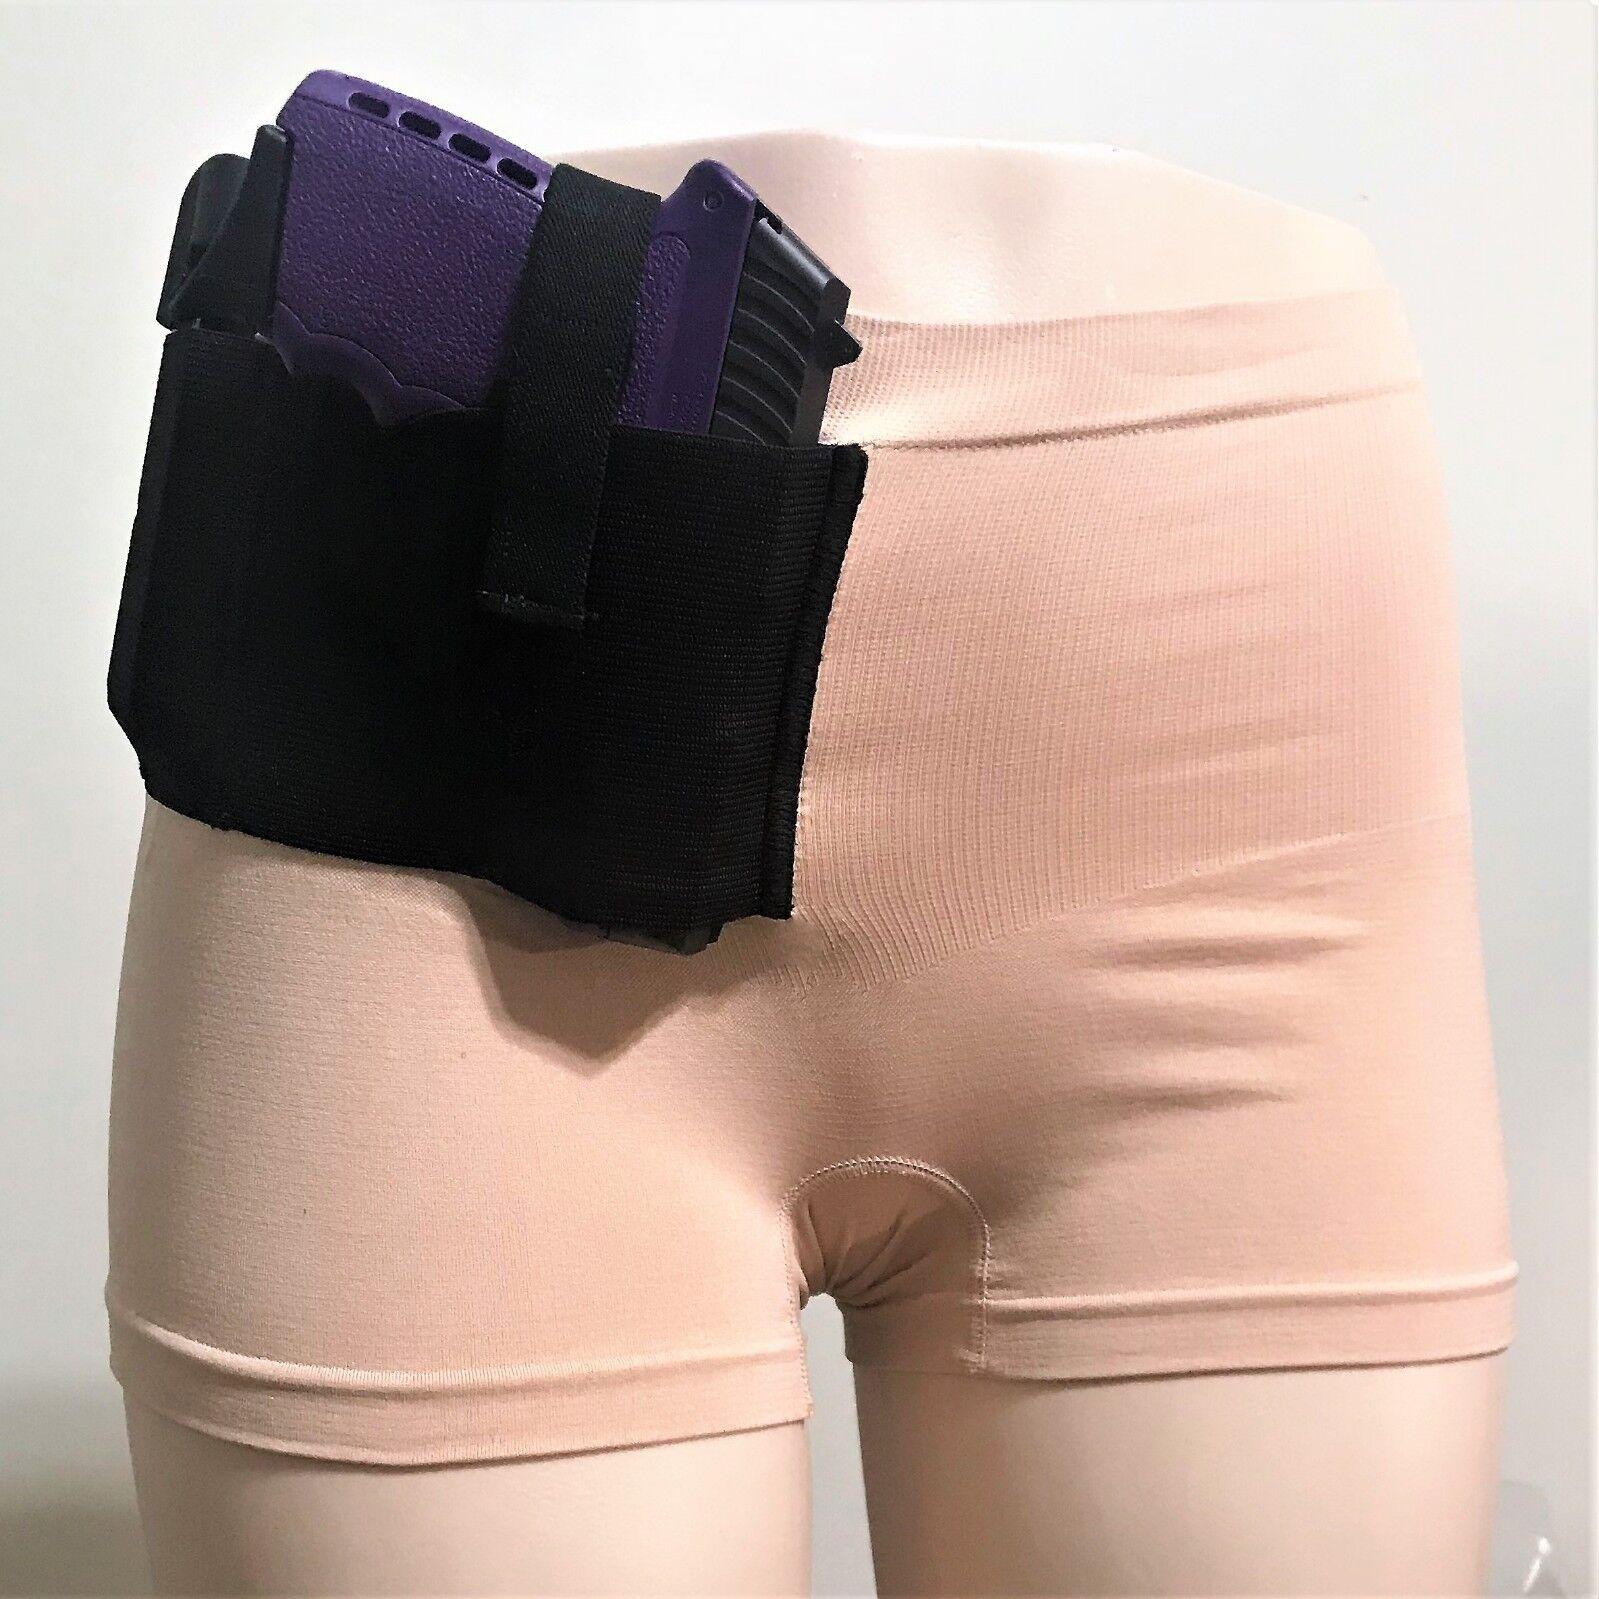 Venta En 2 par  Concealed Carry Pantalones Cortos 1 frontal y 1 Trasero CCW Táctico Funda Pistola